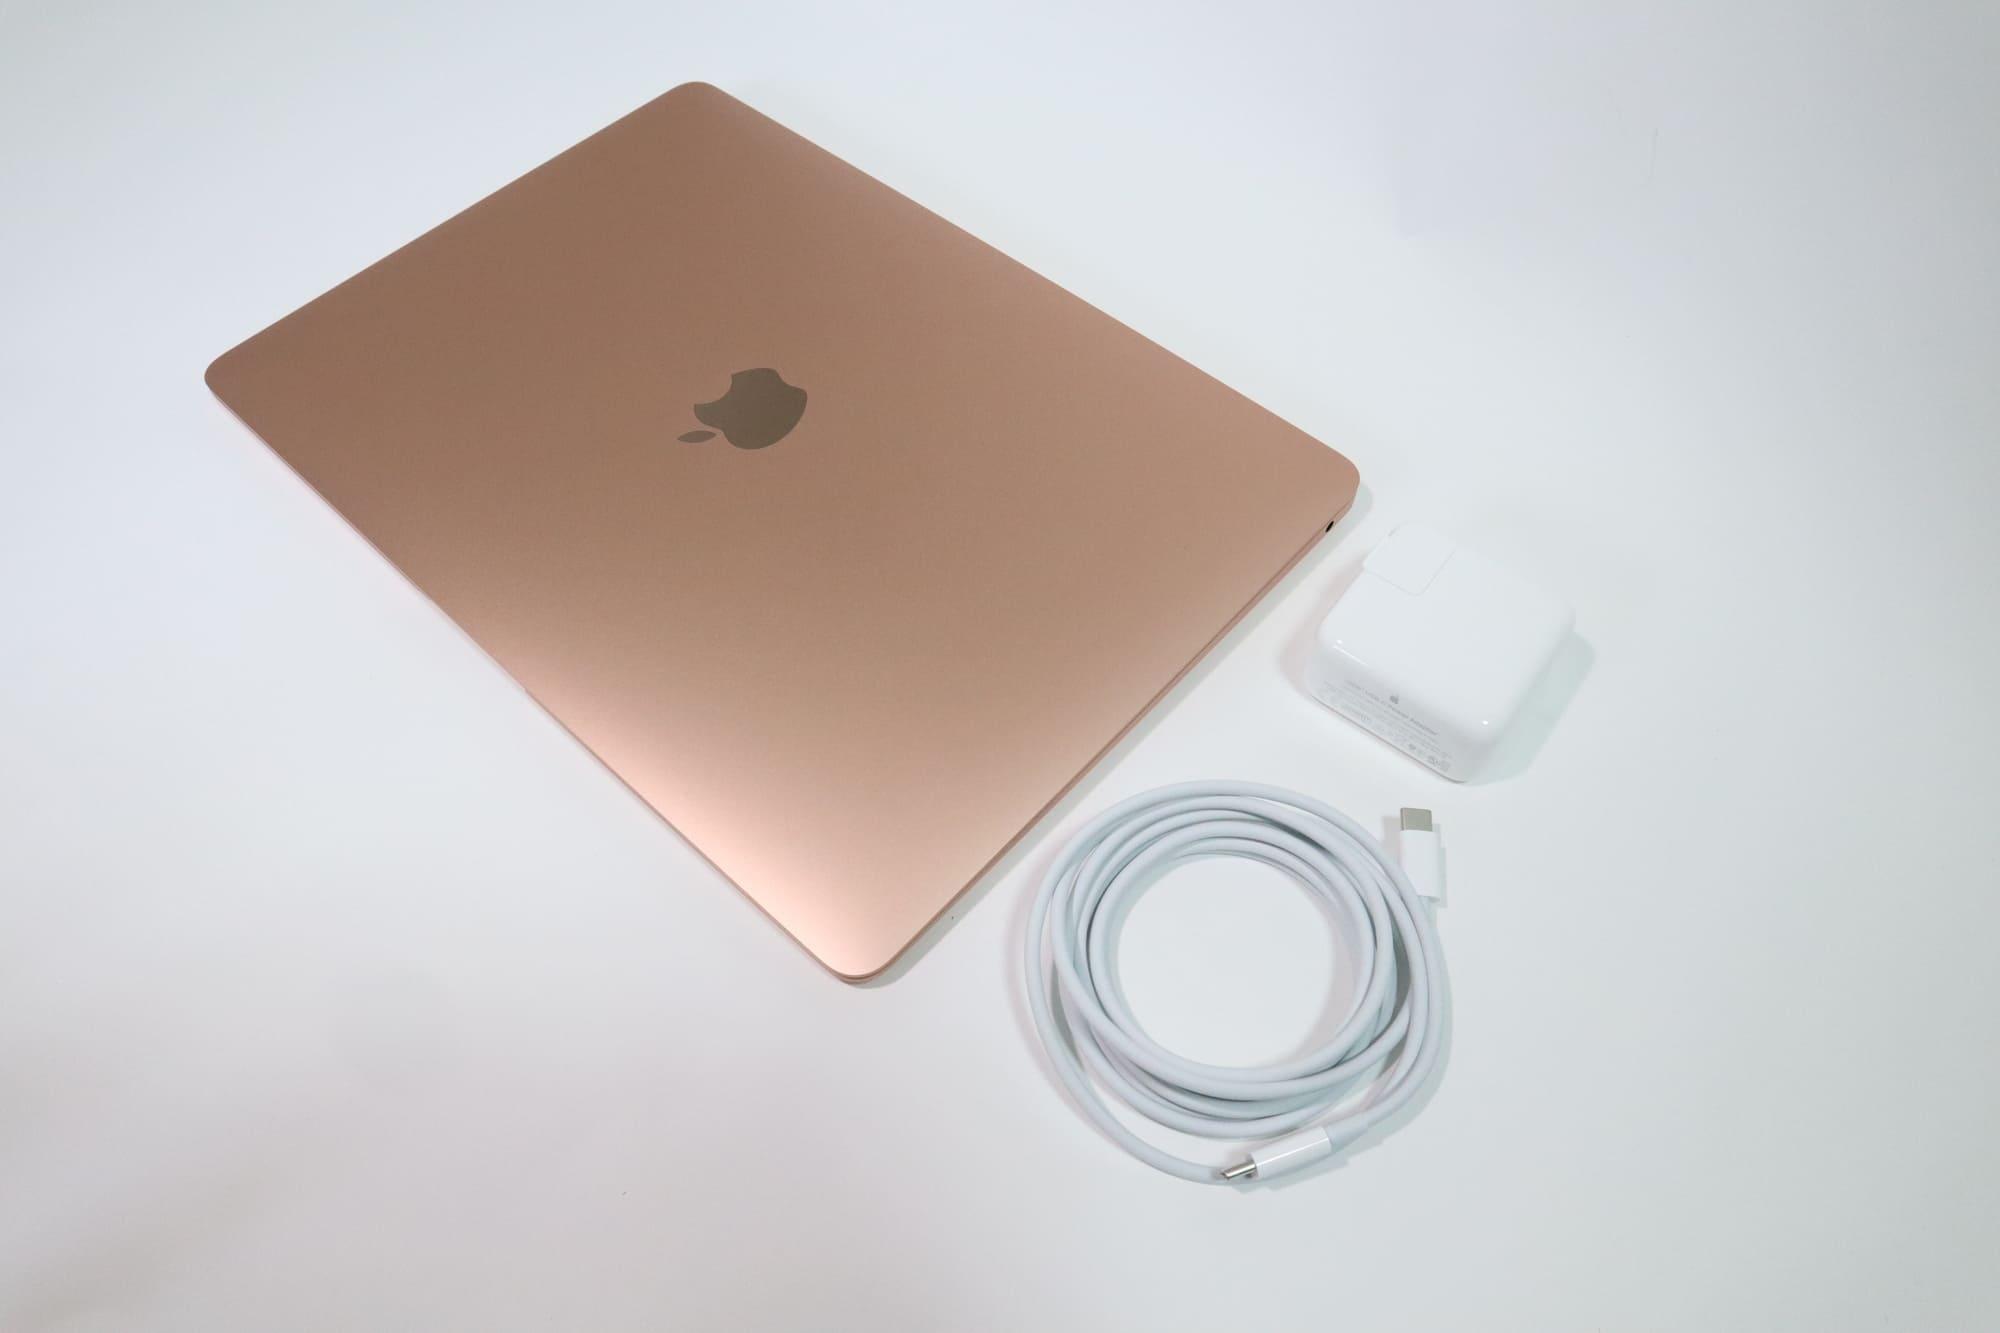 MacBook Air 2020ゴールドと付属品